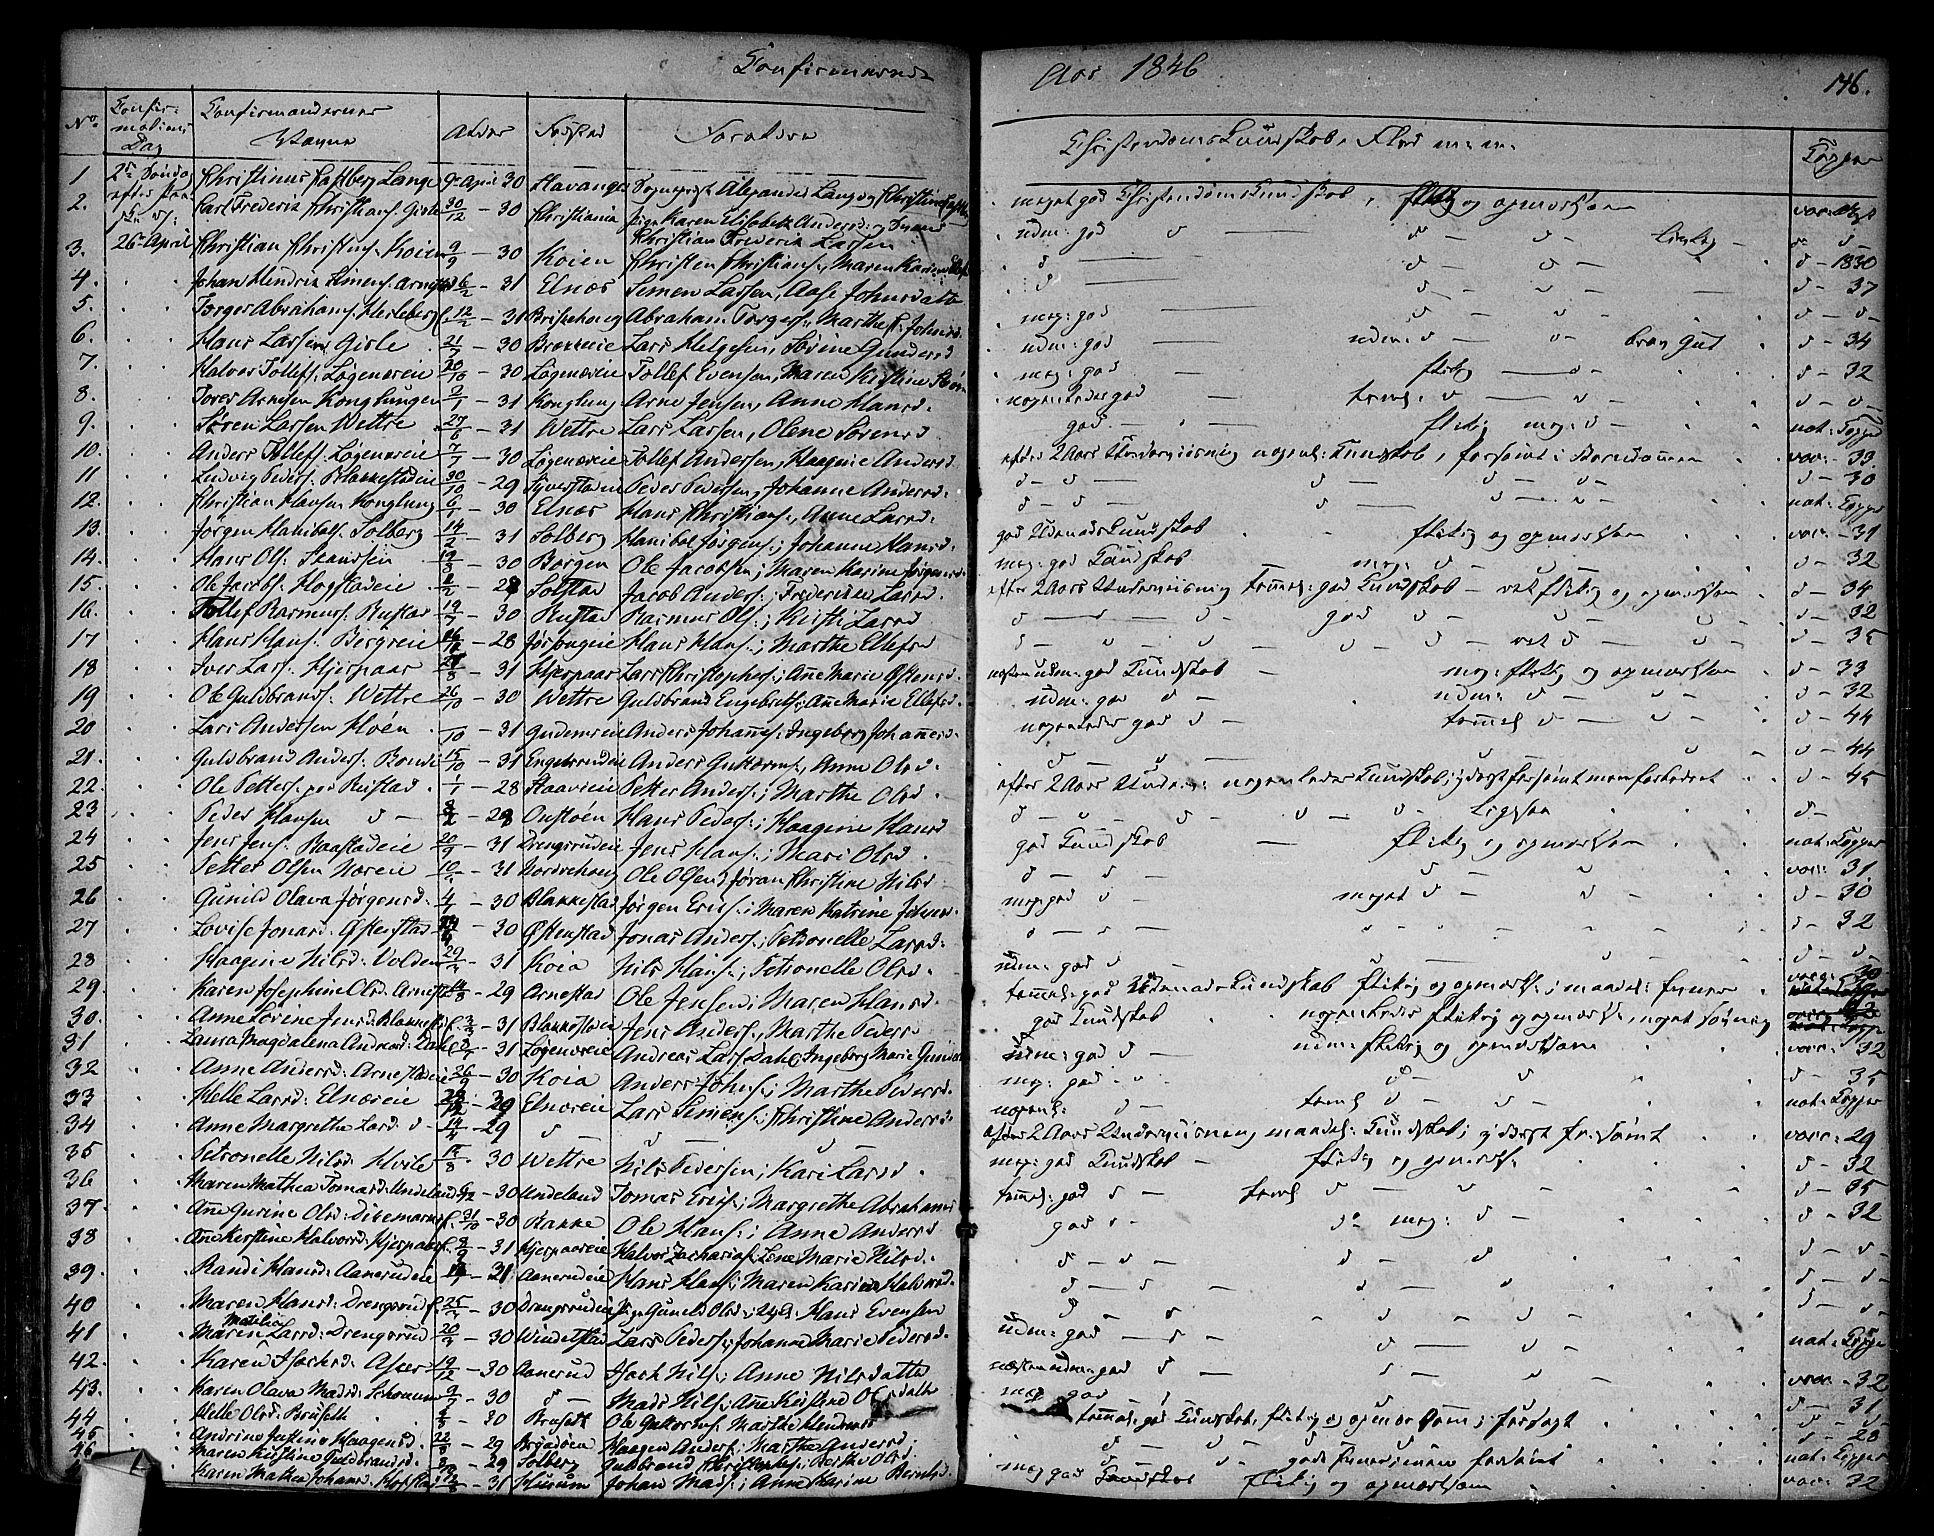 SAO, Asker prestekontor Kirkebøker, F/Fa/L0009: Ministerialbok nr. I 9, 1825-1878, s. 146